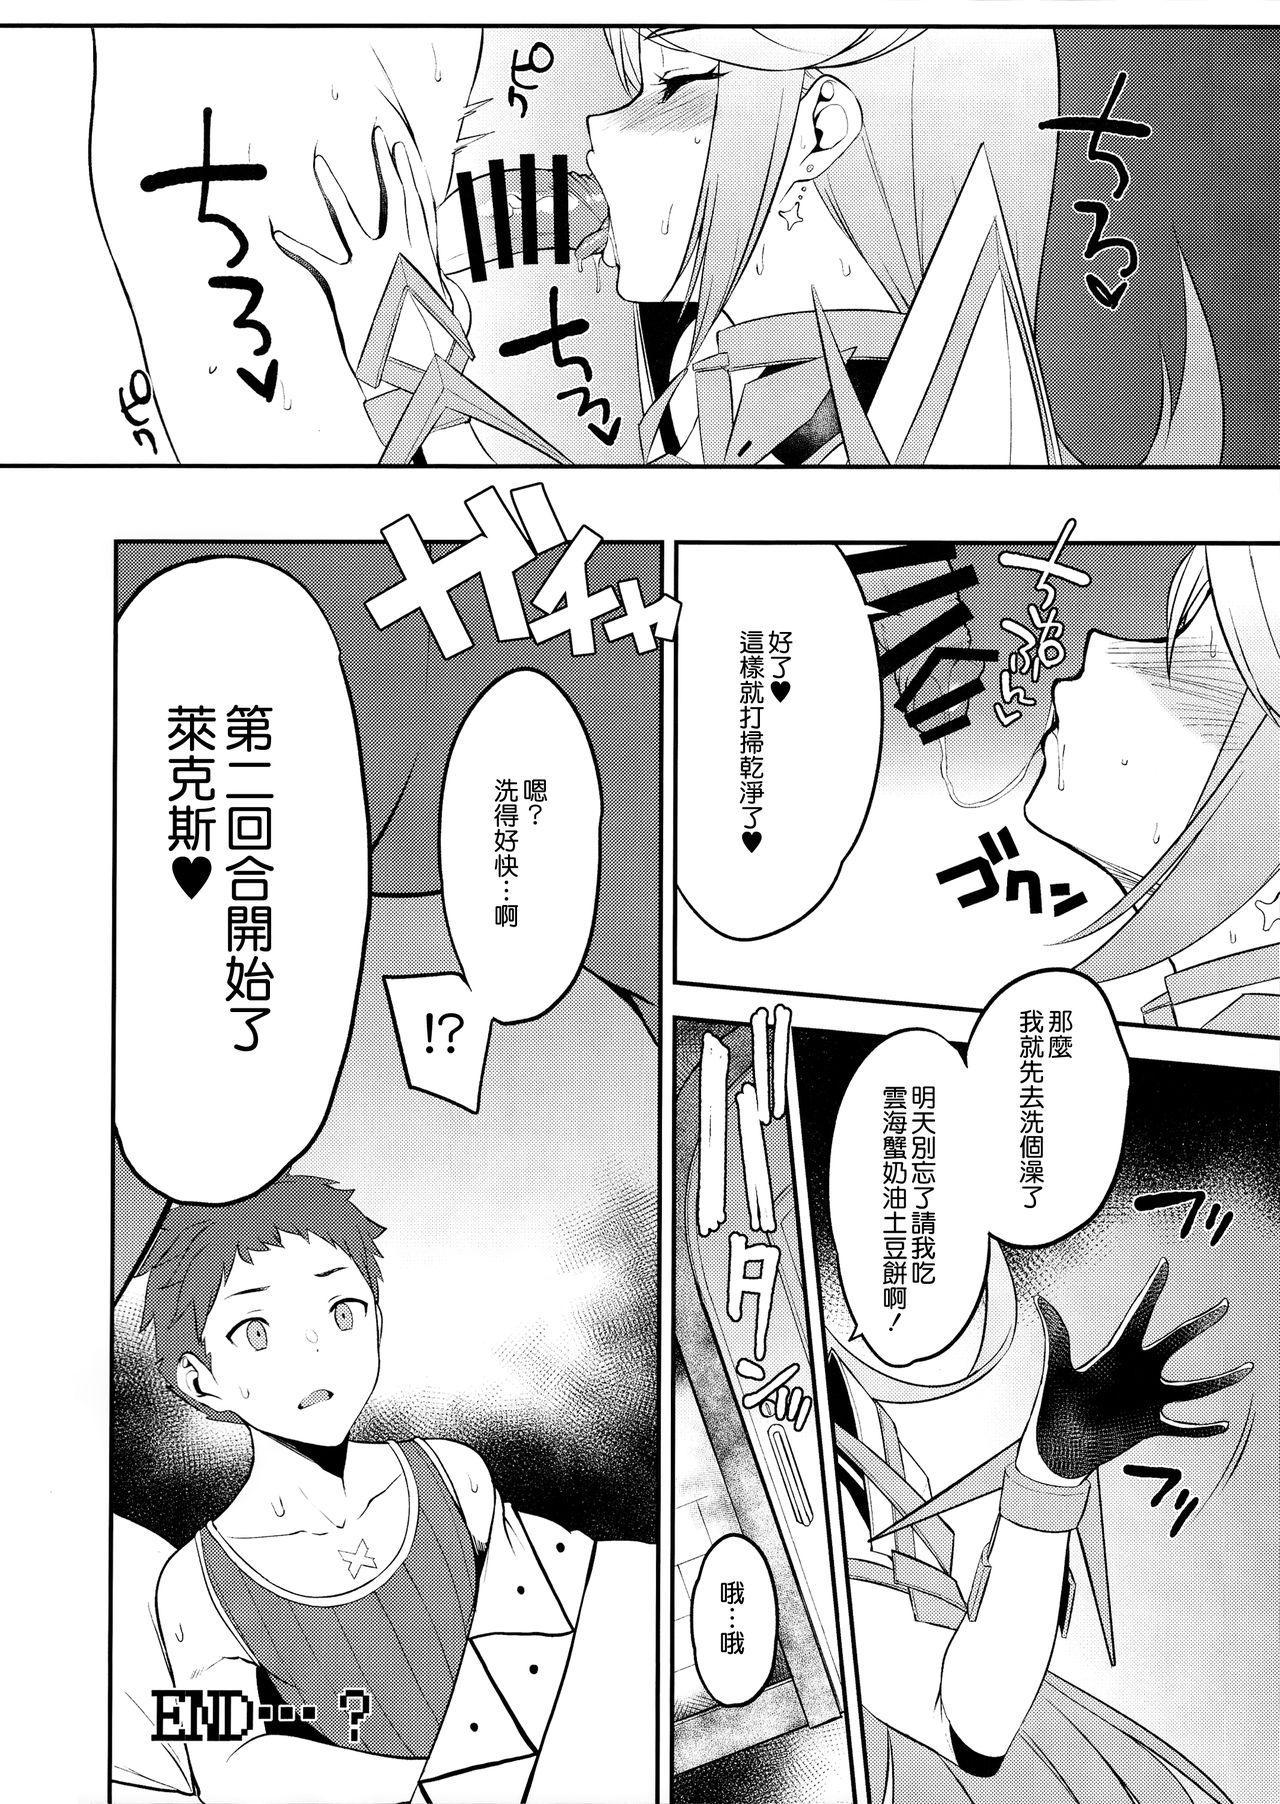 Hikari Are 21